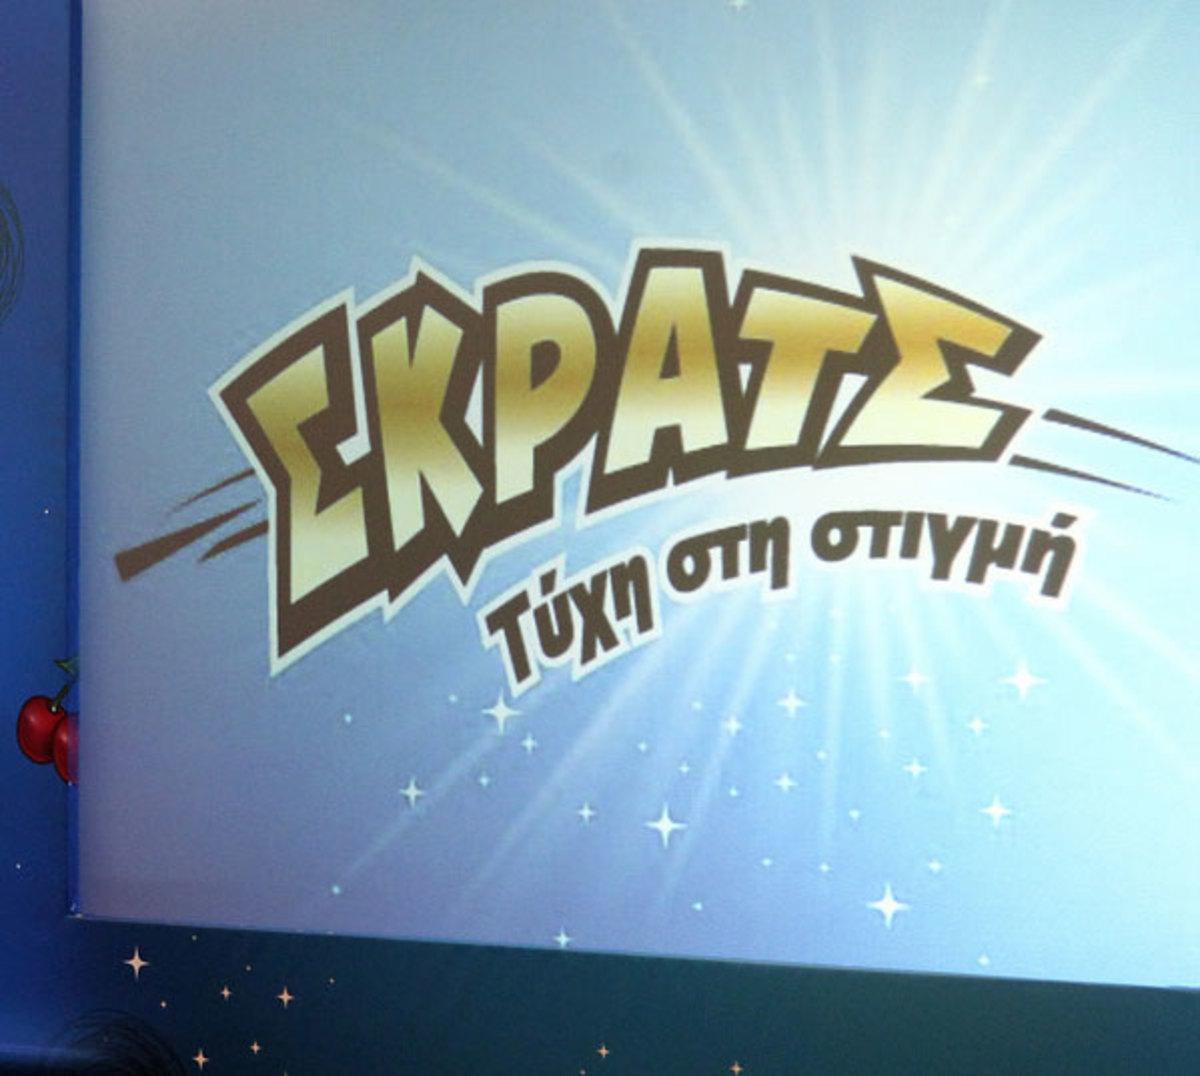 ΣΚΡΑΤΣ: Κέρδη 2.950.933 ευρώ την προηγούμενη εβδομάδα | Newsit.gr